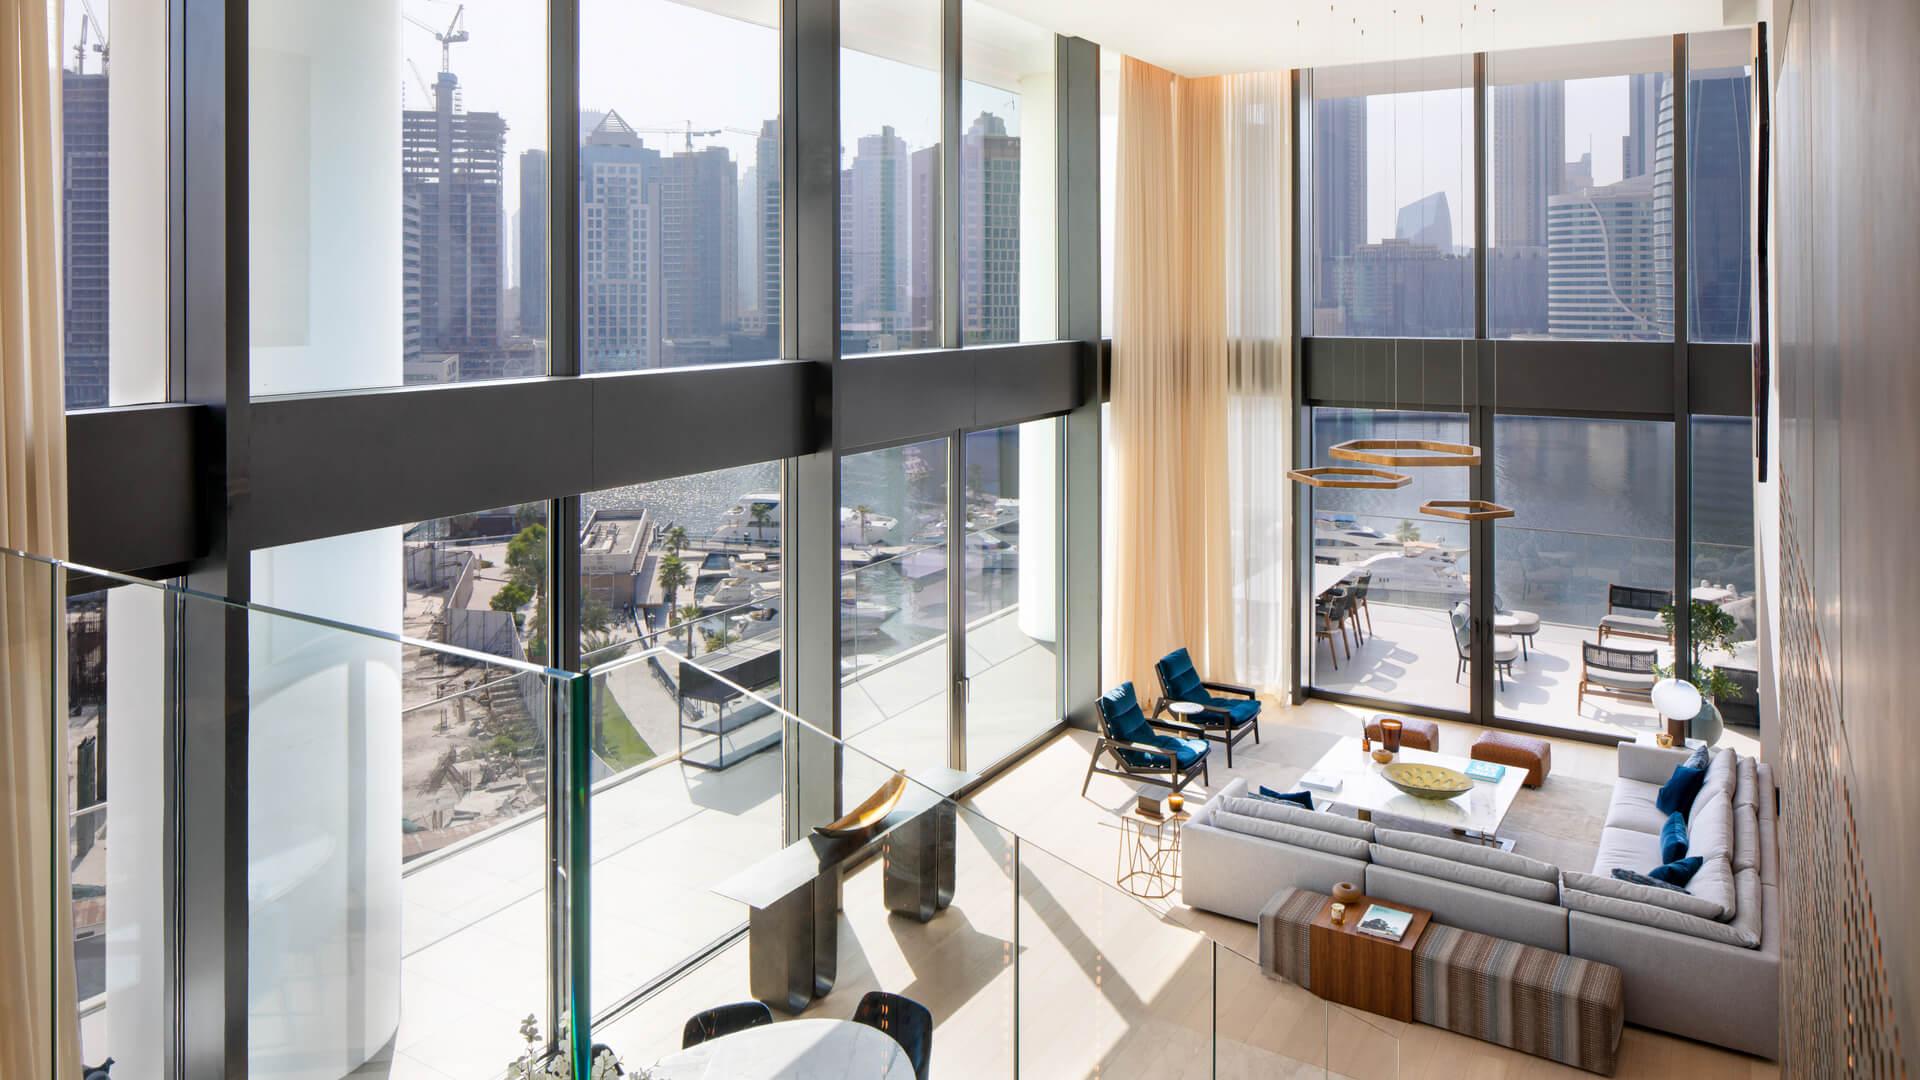 Ático en venta en Dubai, EAU, 5 dormitorios, 1645 m2, № 24060 – foto 9